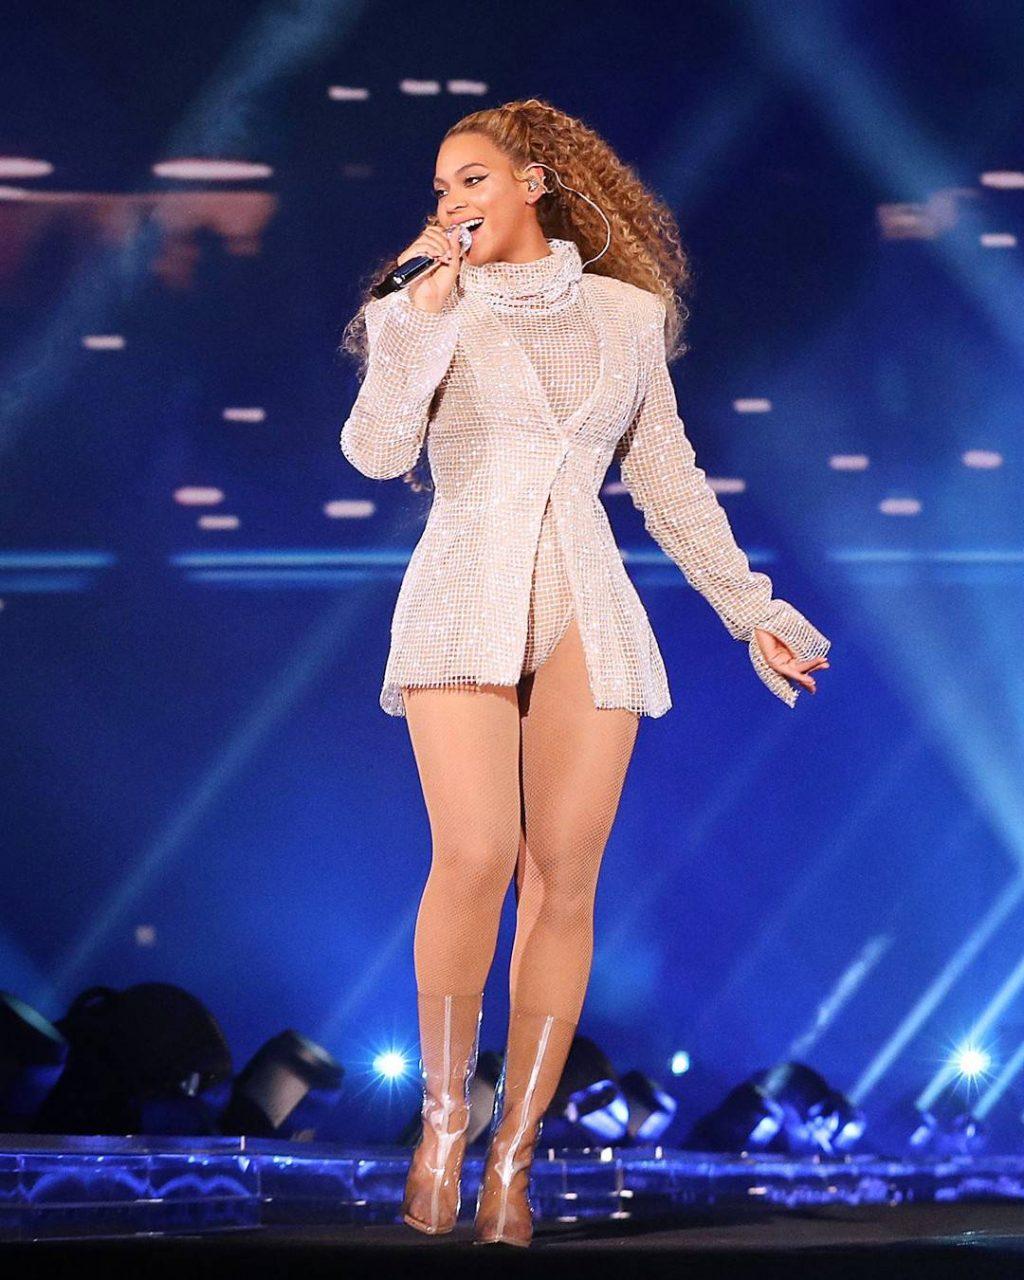 bí quyết đẹp của Beyoncé - 03